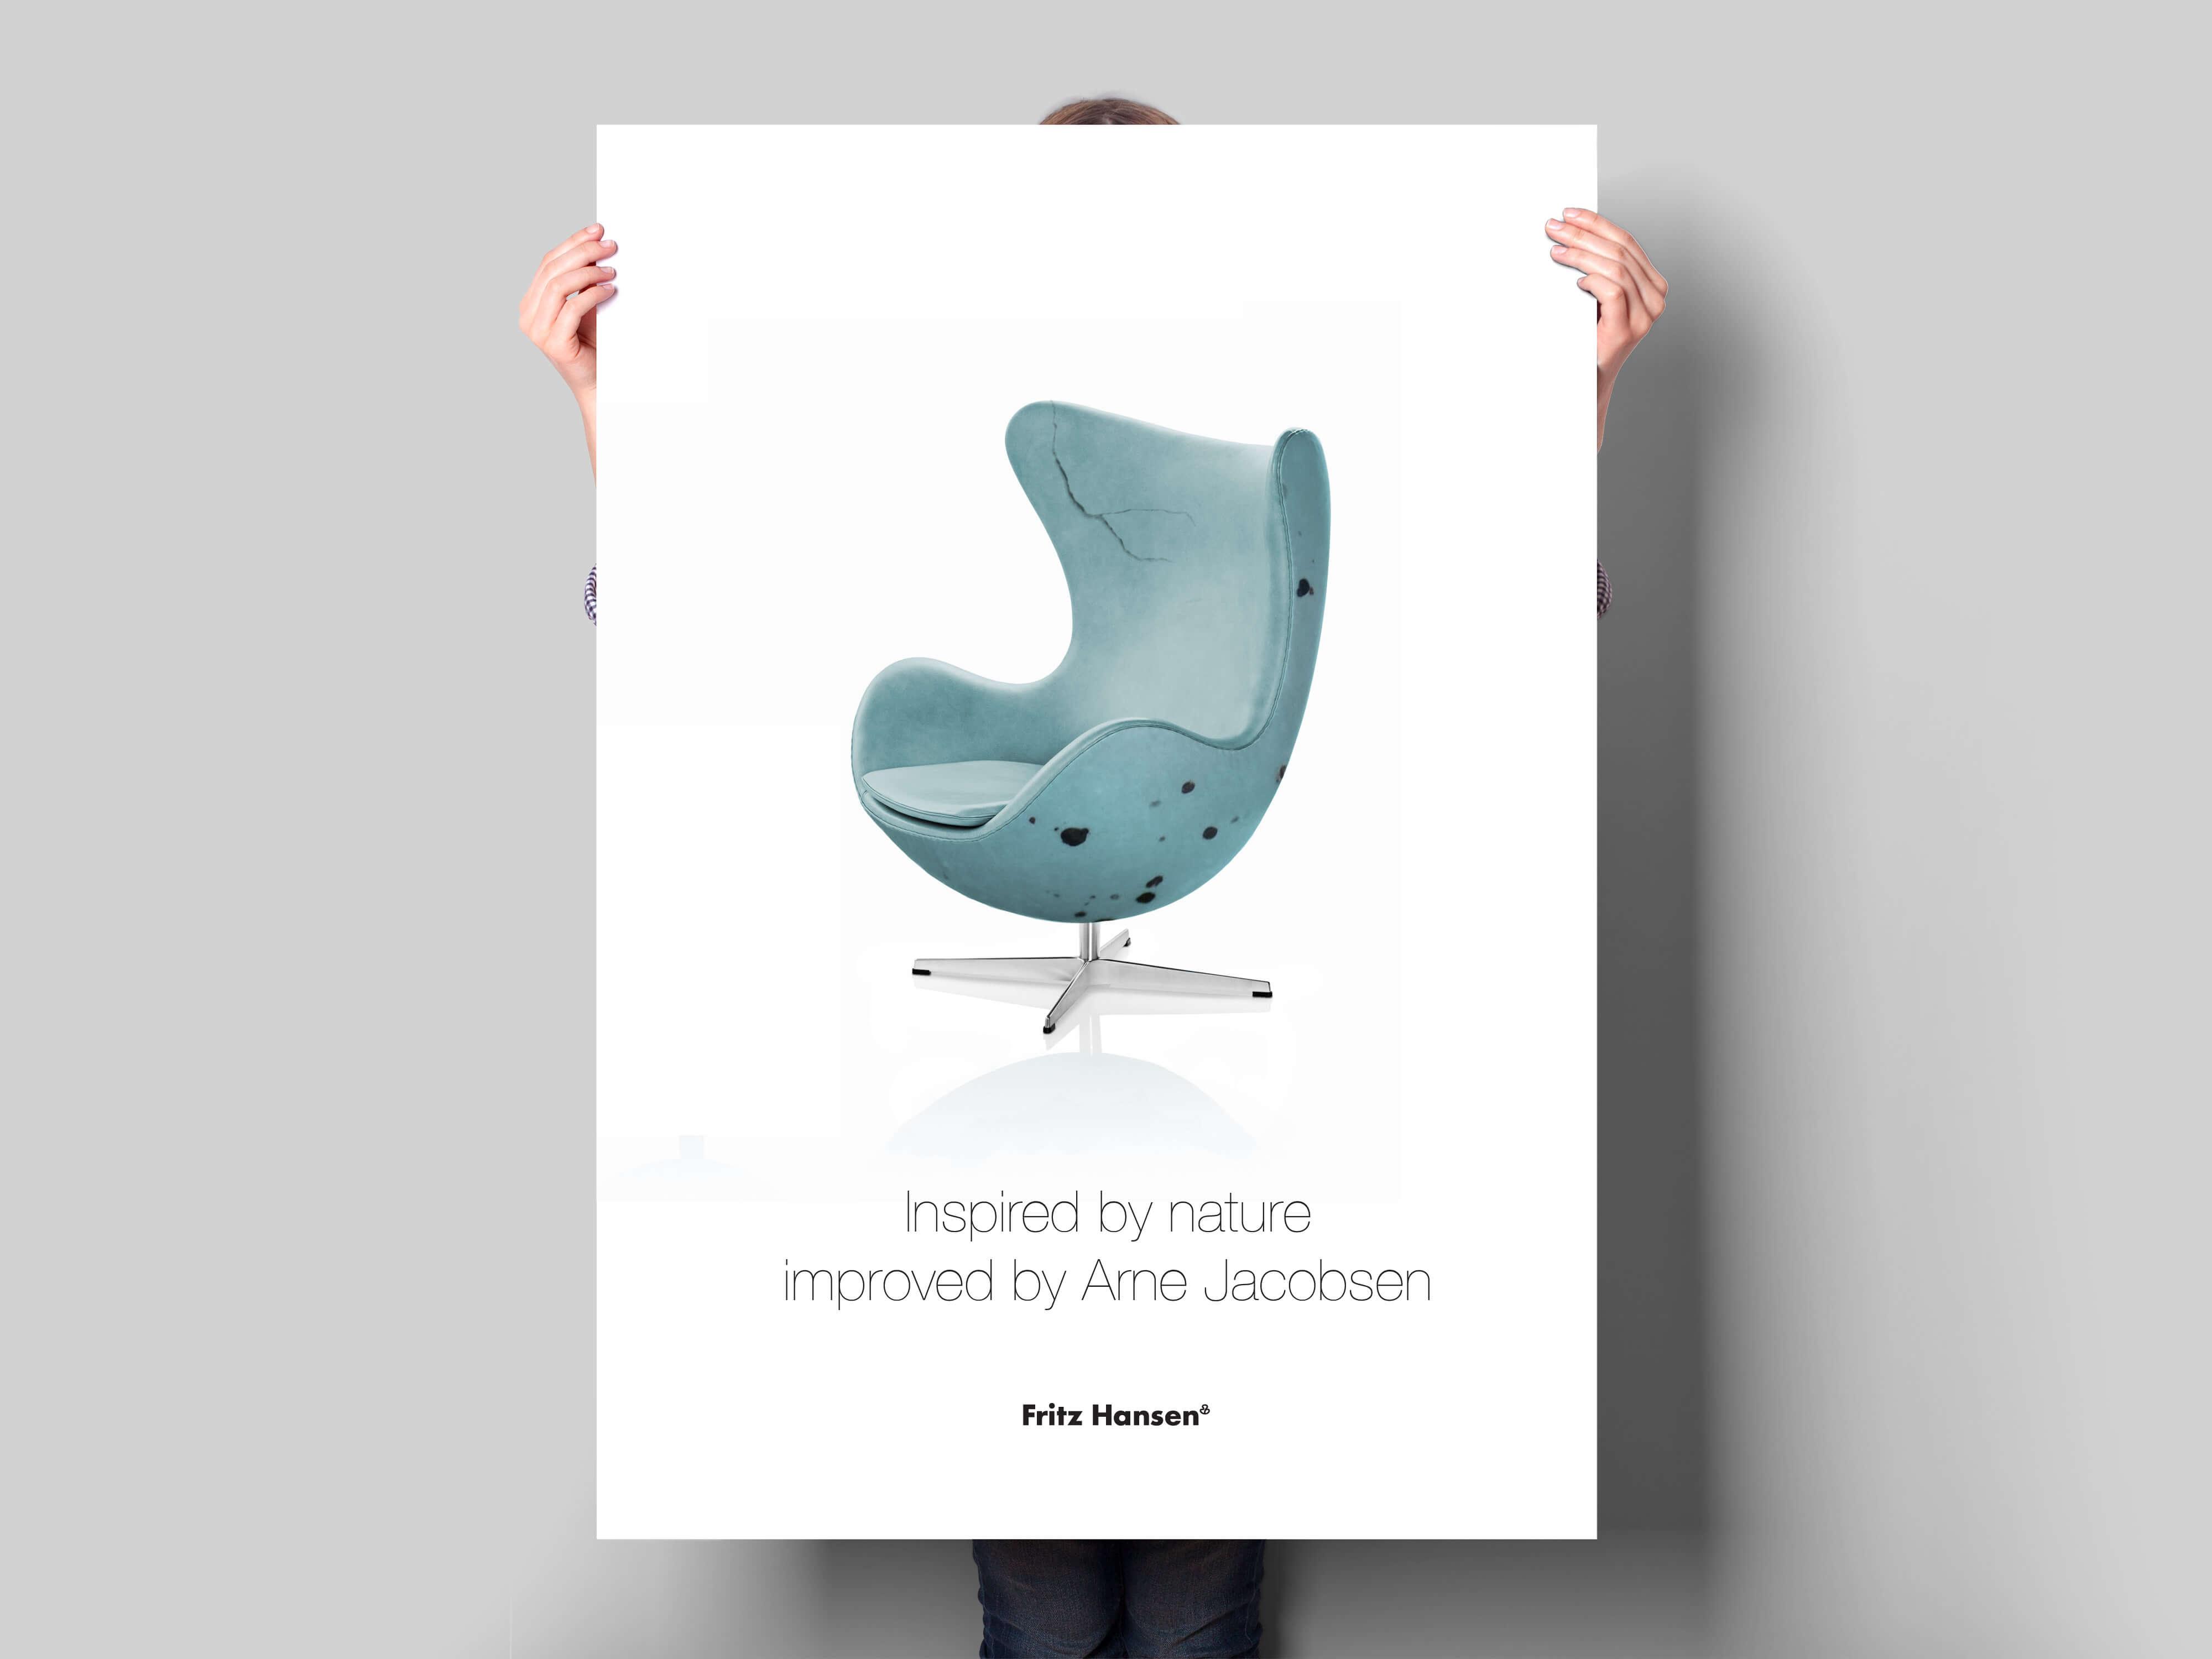 09_Poster_Inspired_EGG_01